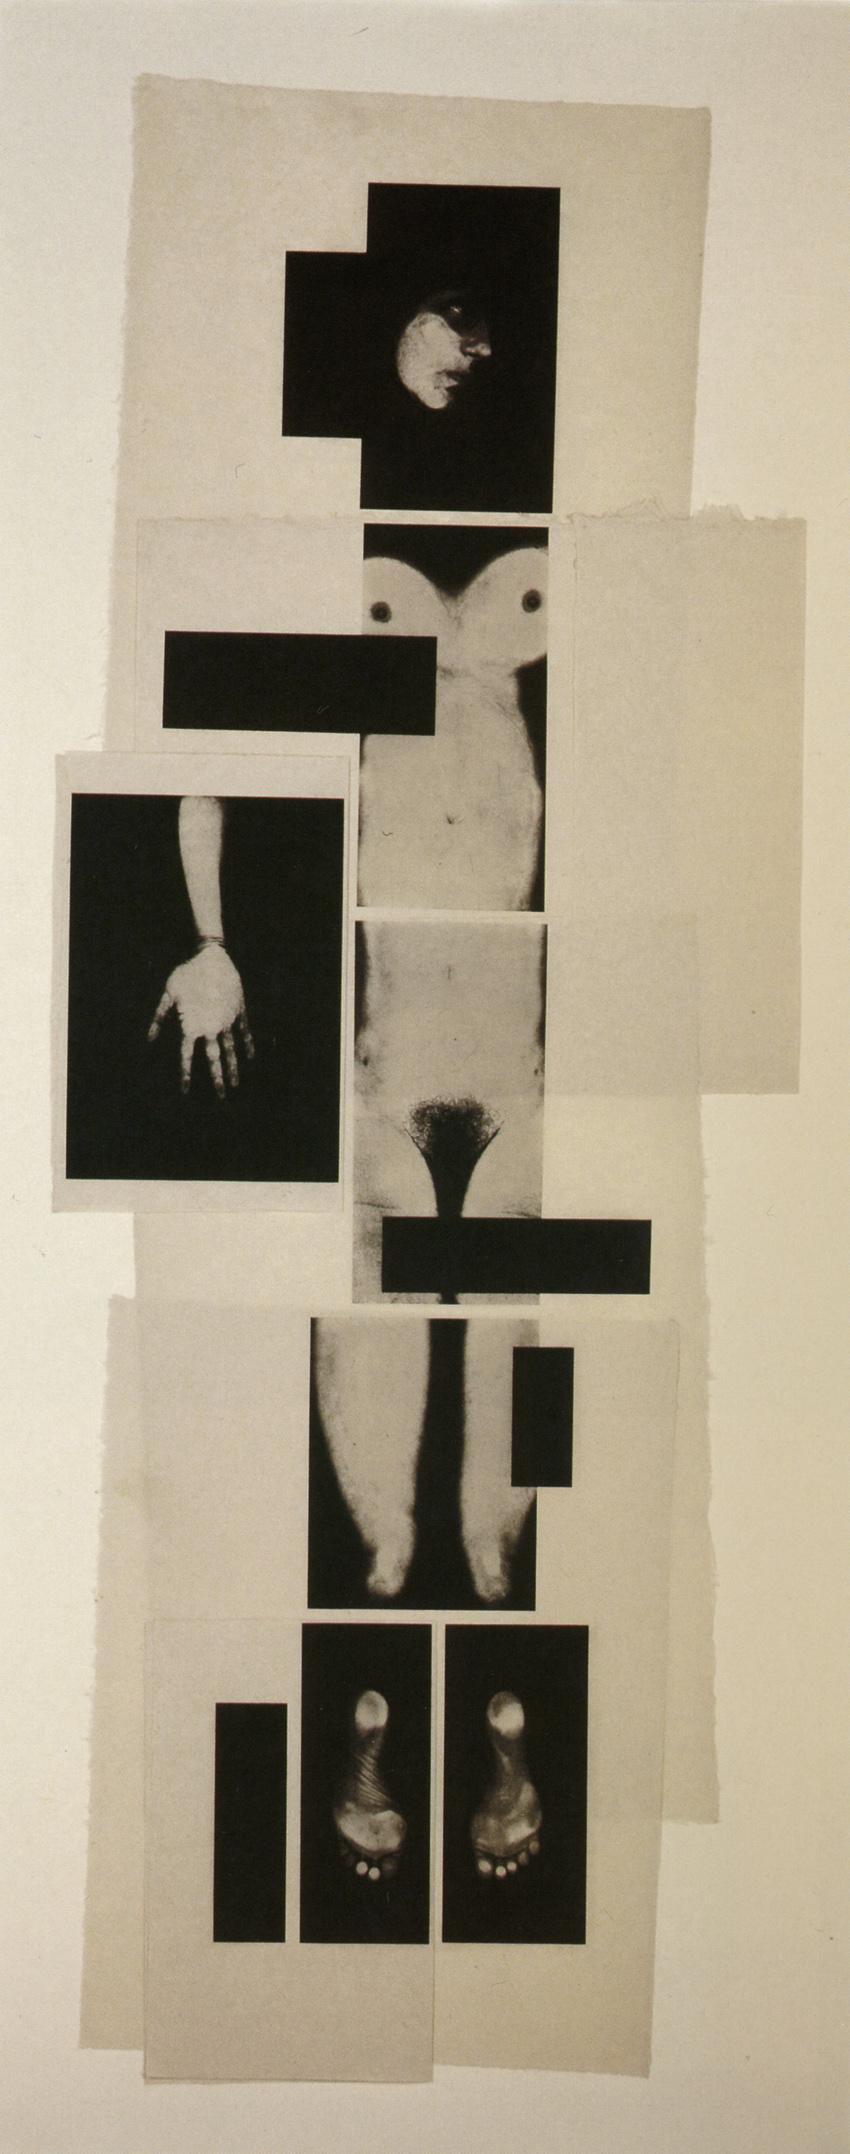 Caligrafías (Mujer), 1994 (parte de un díptico), fotograbado y aguatinta, papel Arakaji sobre Guarro Yerba, 215 x 80 cm, ed. de 20 ejemplares + 1 PA.